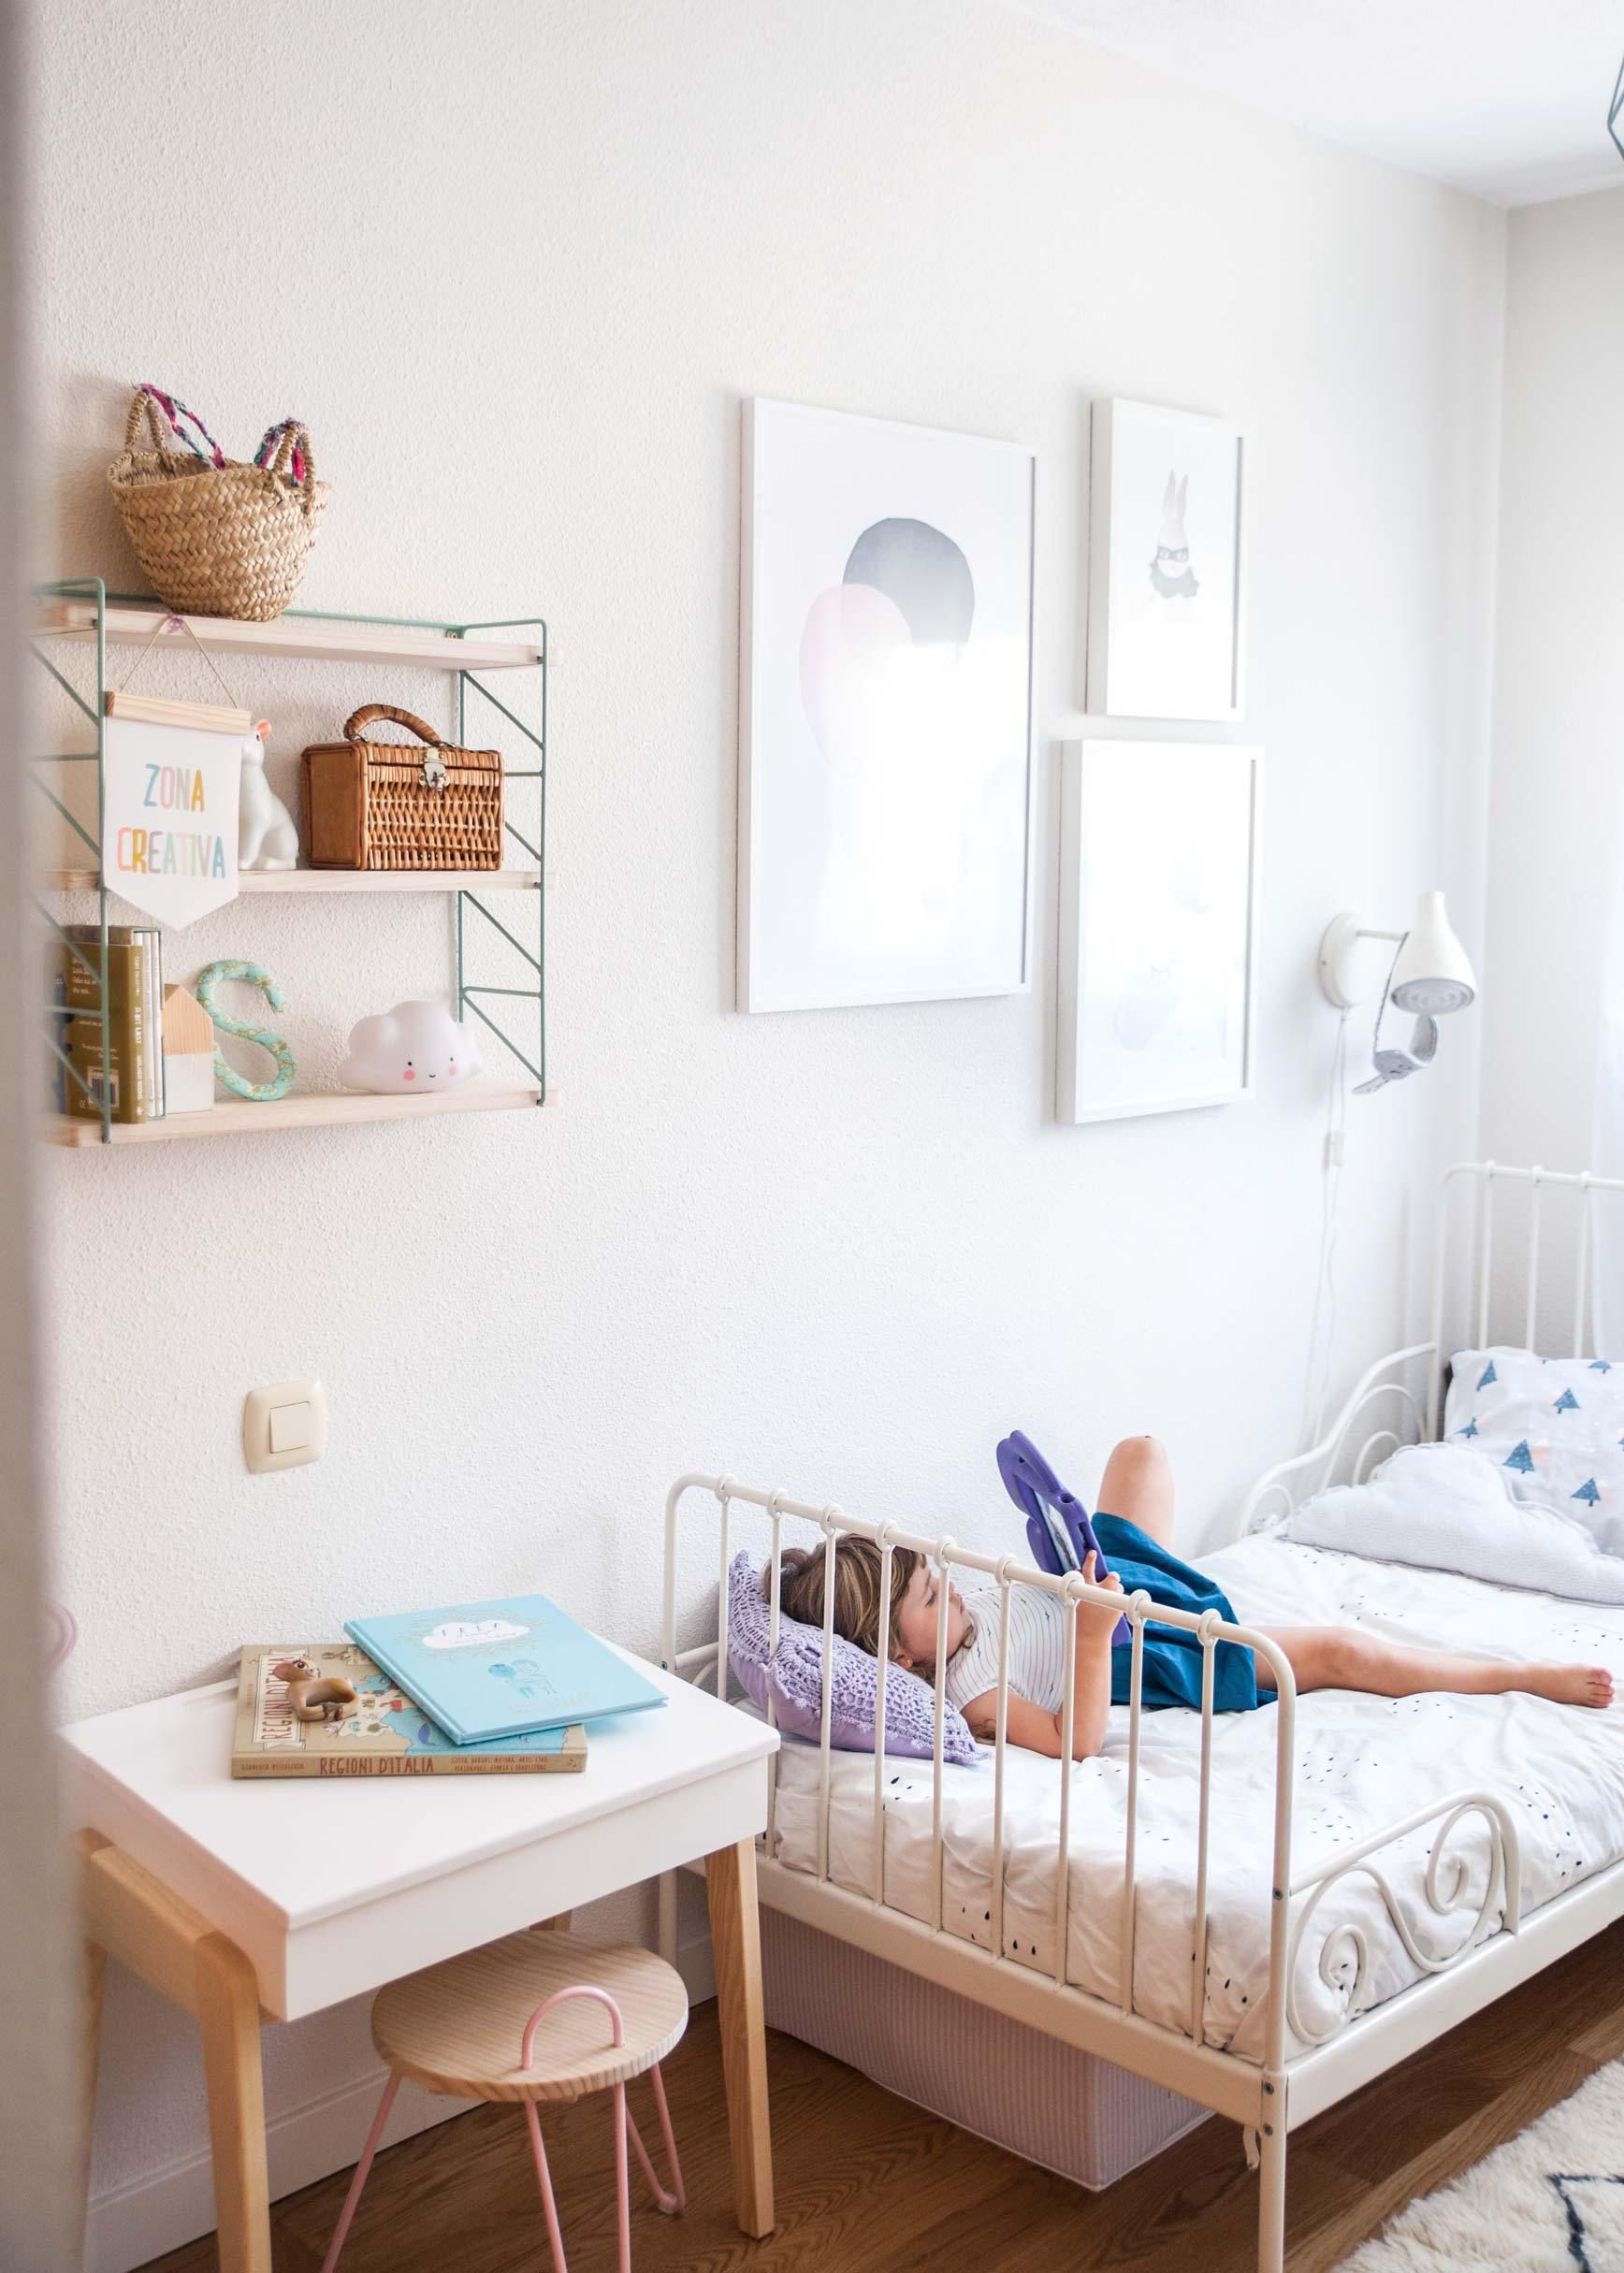 La habitaci n de sof a y olivia habitaci n infantil - Habitacion infantil compartida ...